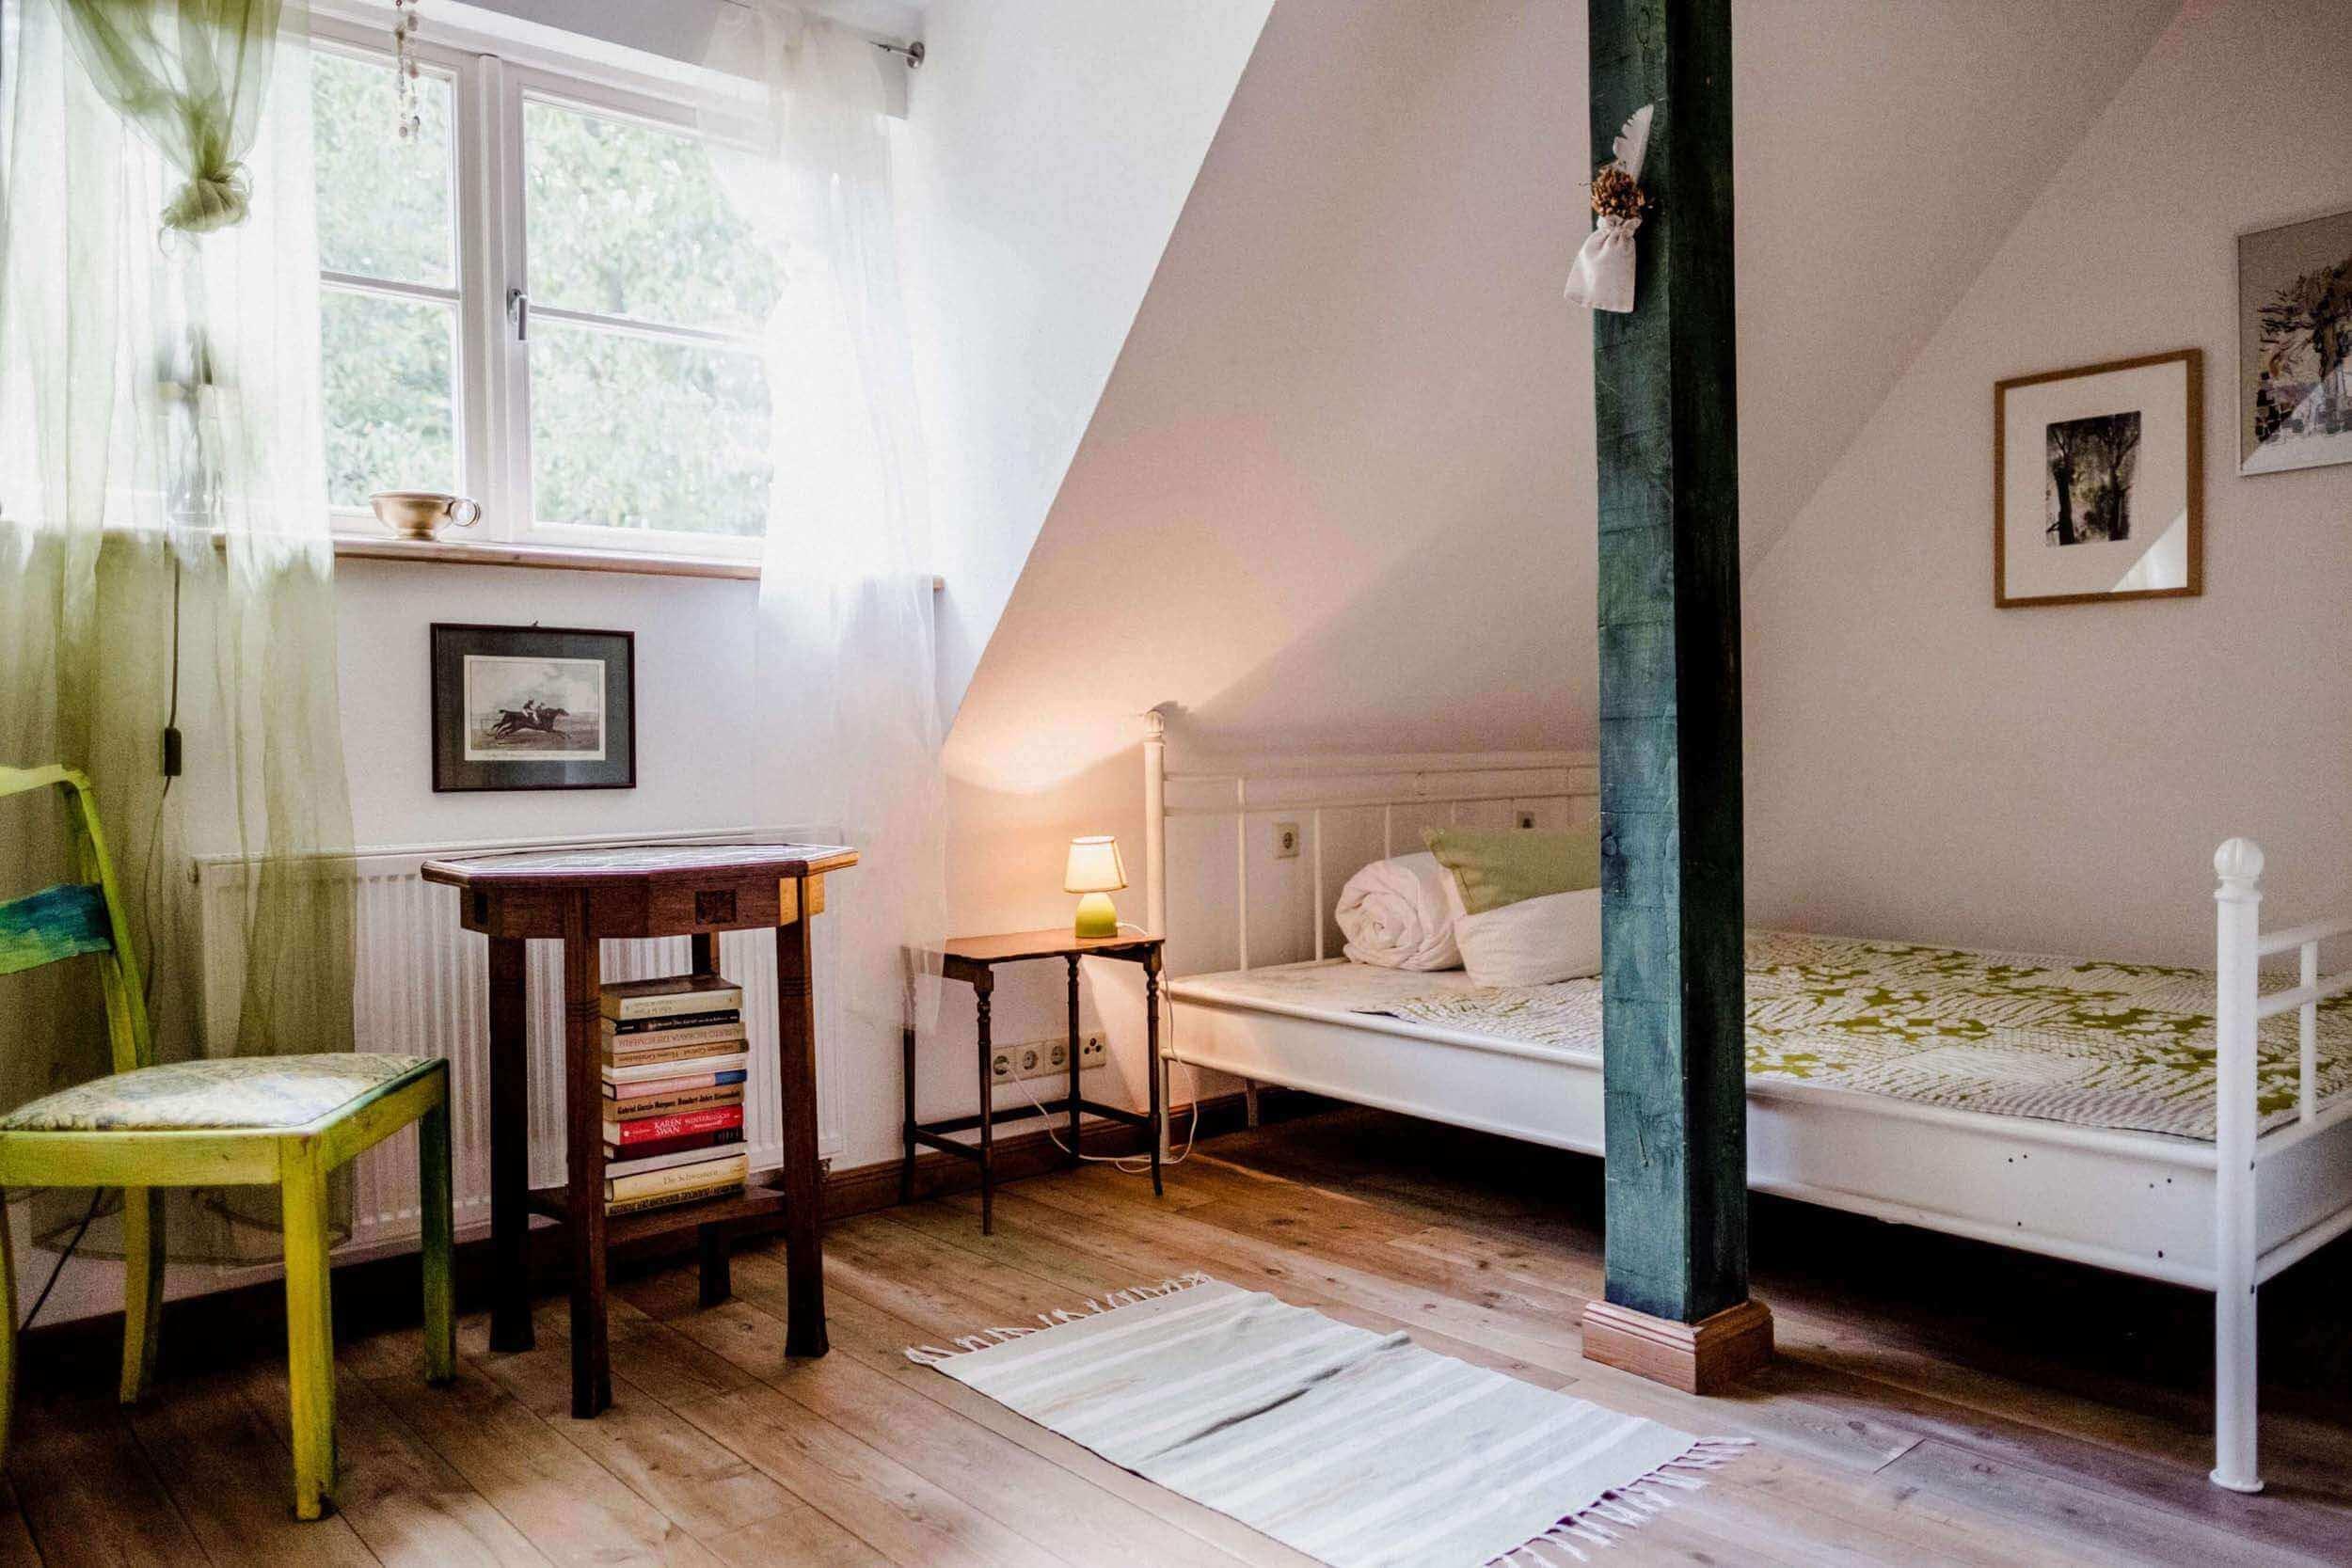 Zimmer Waldmeister - Urlaub im Gutshaus Ehmkendorf in Mecklenburg Vorpommern